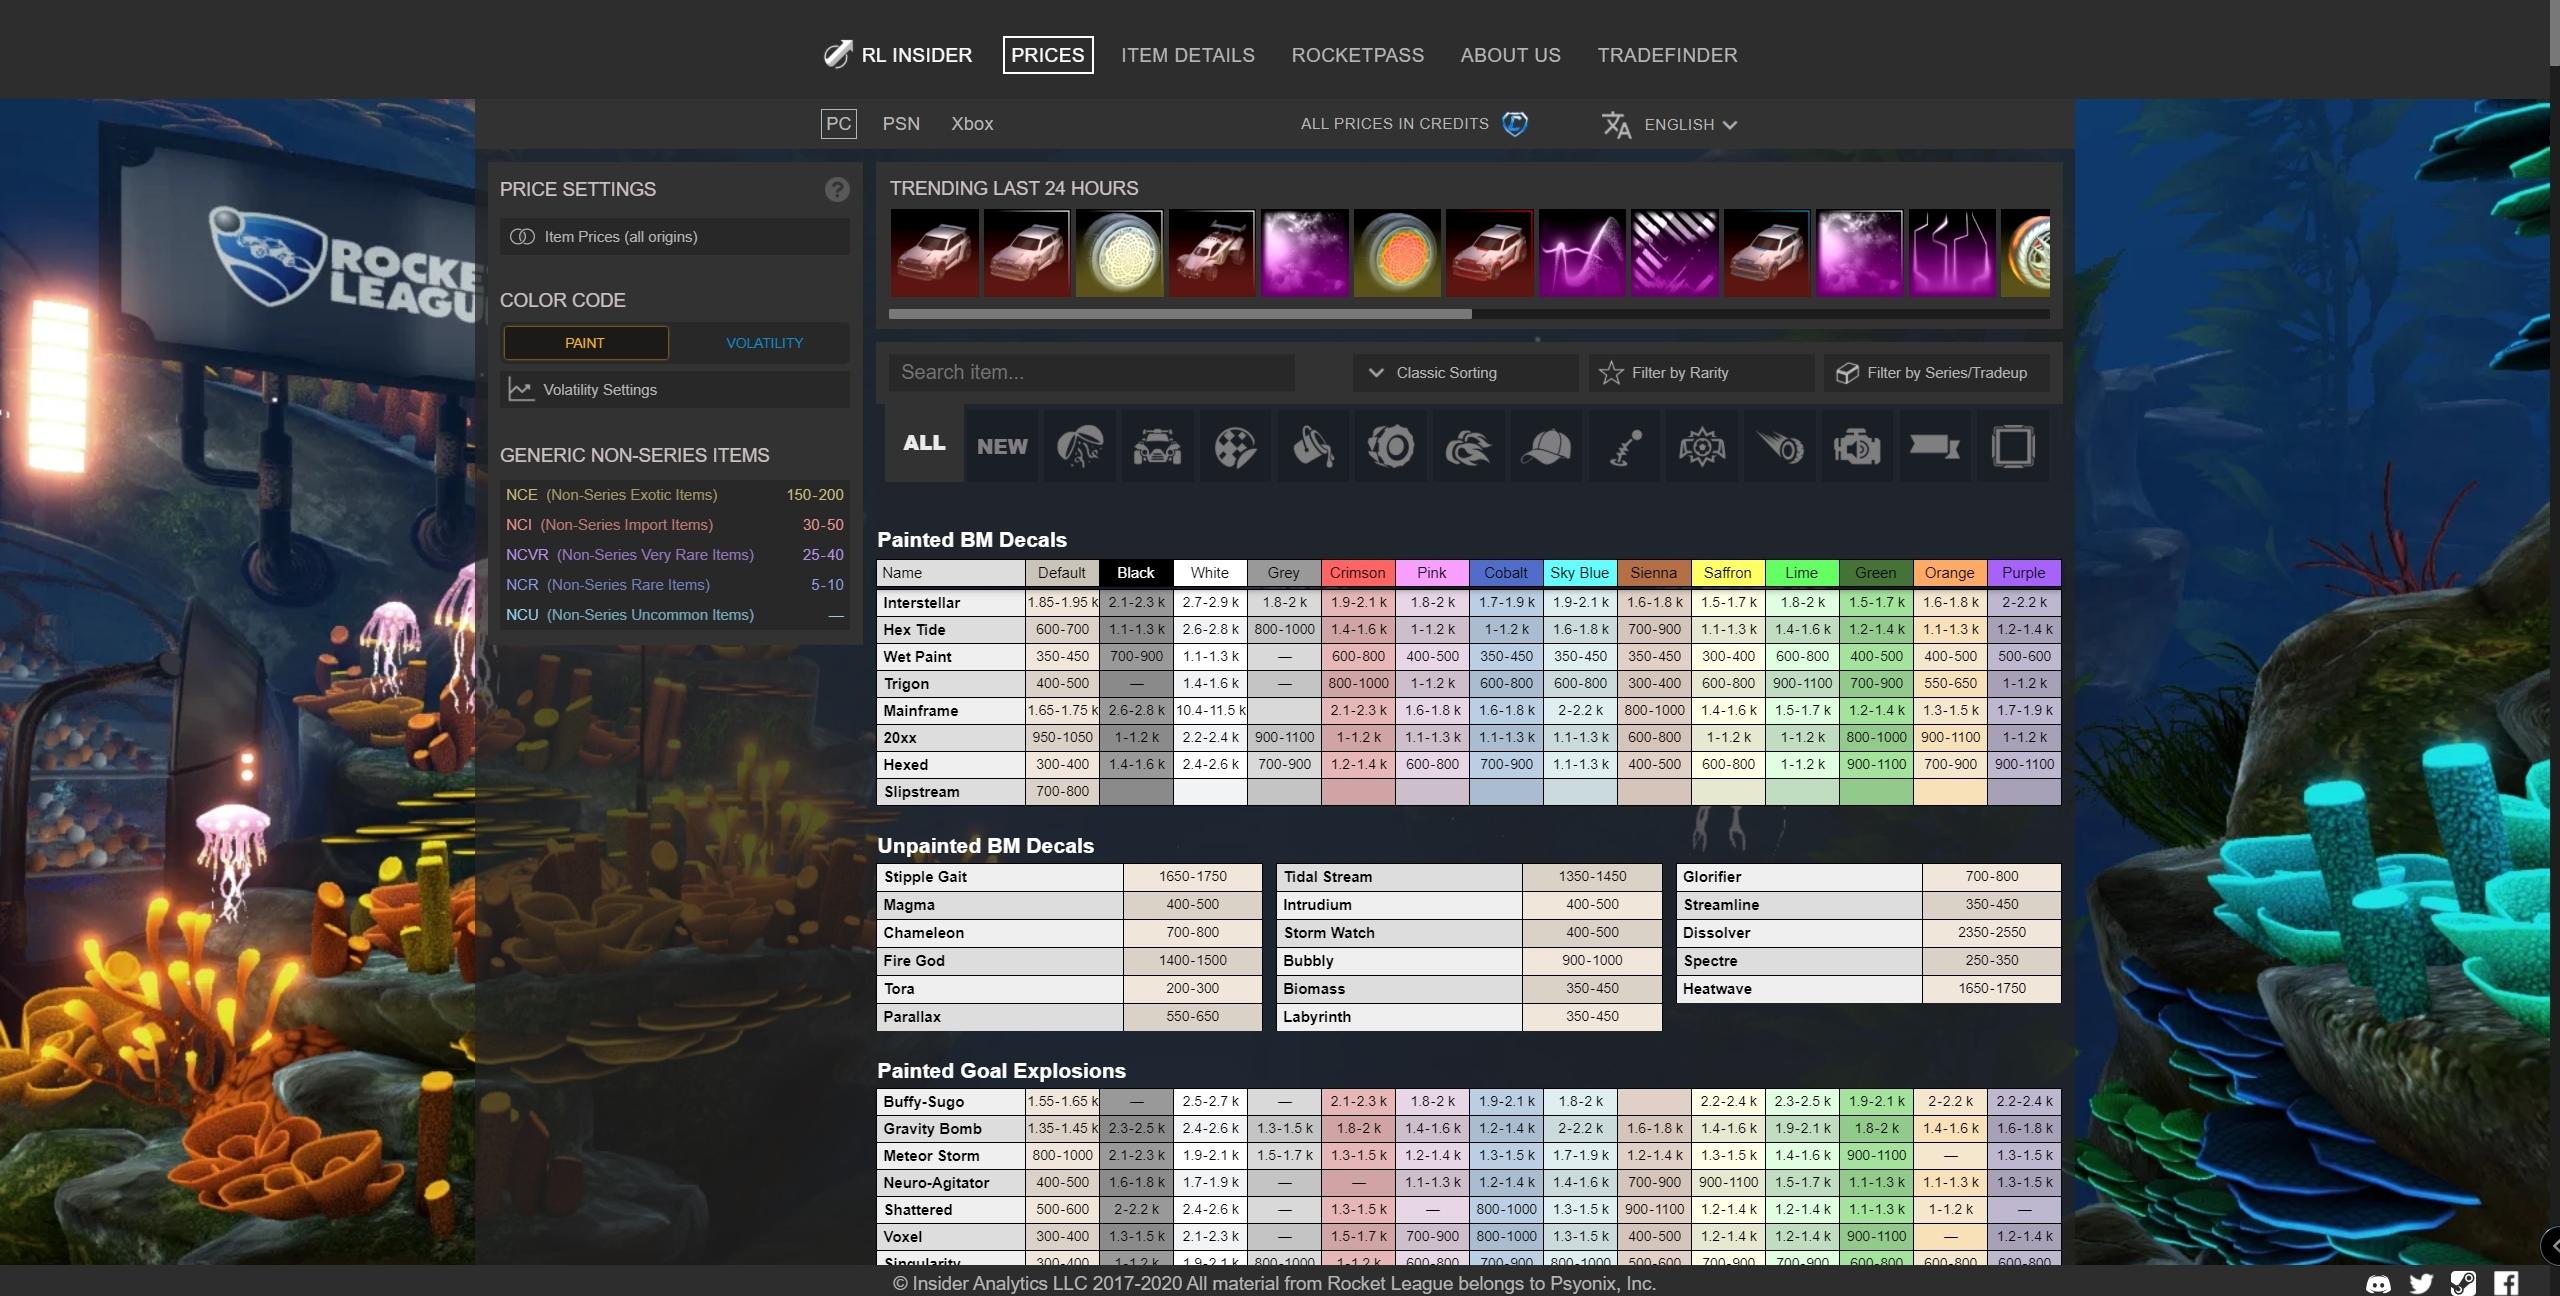 RL Insider Analytics